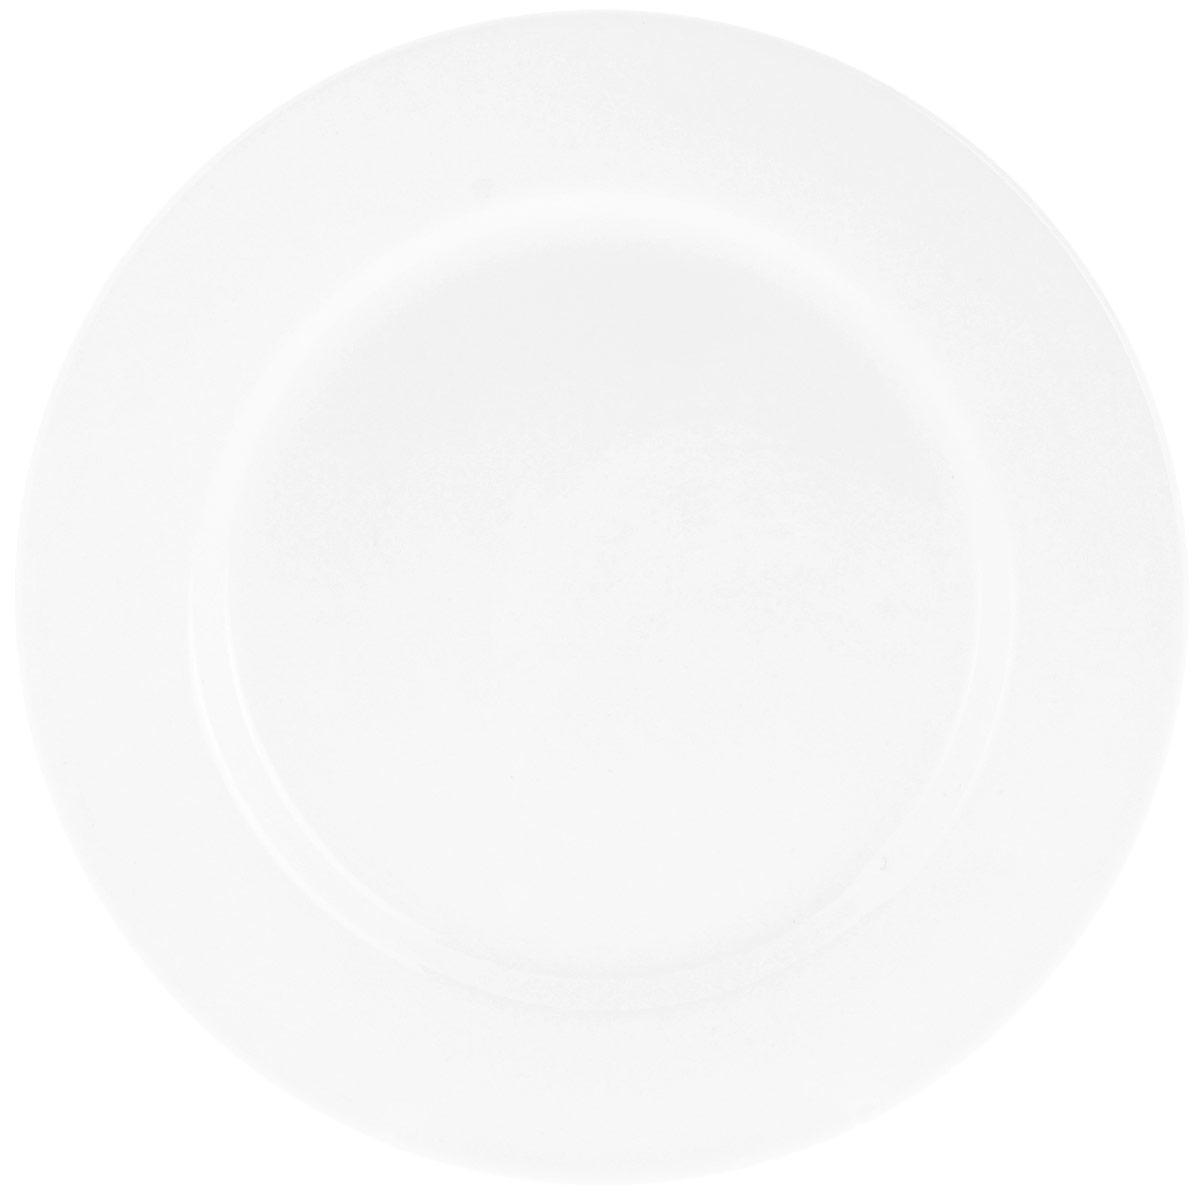 Тарелка обеденная Wilmax Professional, диаметр 23 смWL-991179 / AТарелка обеденная Wilmax Professional изготовлена из высококачественного фарфора. Фарфор легкий, тонкий, свет без труда проникает сквозь изделие. Тарелка имеет роскошную белизну, гладкость и блеск достигаются за счет особой рецептуры глазури. Изделие обладает низкой водопоглощаемостью, высокой термостойкостью и ударопрочностью, а также экологичностью. Посуда долговечна и рассчитана на постоянное интенсивное использование. Тарелка обладает абсолютно гладкой и непористой поверхностью, что исключает проникновение бактерий, поверхность такой тарелки не будет впитывать посторонние запахи и сохранит первоначальный цвет. Повышенная прочность фарфора и абсолютная стойкость белого цвета позволят вам дольше наслаждаться прекрасным видом любимой посуды. Тарелки серии Professional имеют уникальные утолщенные края, что дает возможность выгодно представить подаваемое блюдо, концентрируя внимание на центре тарелки. Кроме того, утолщенный край придает...